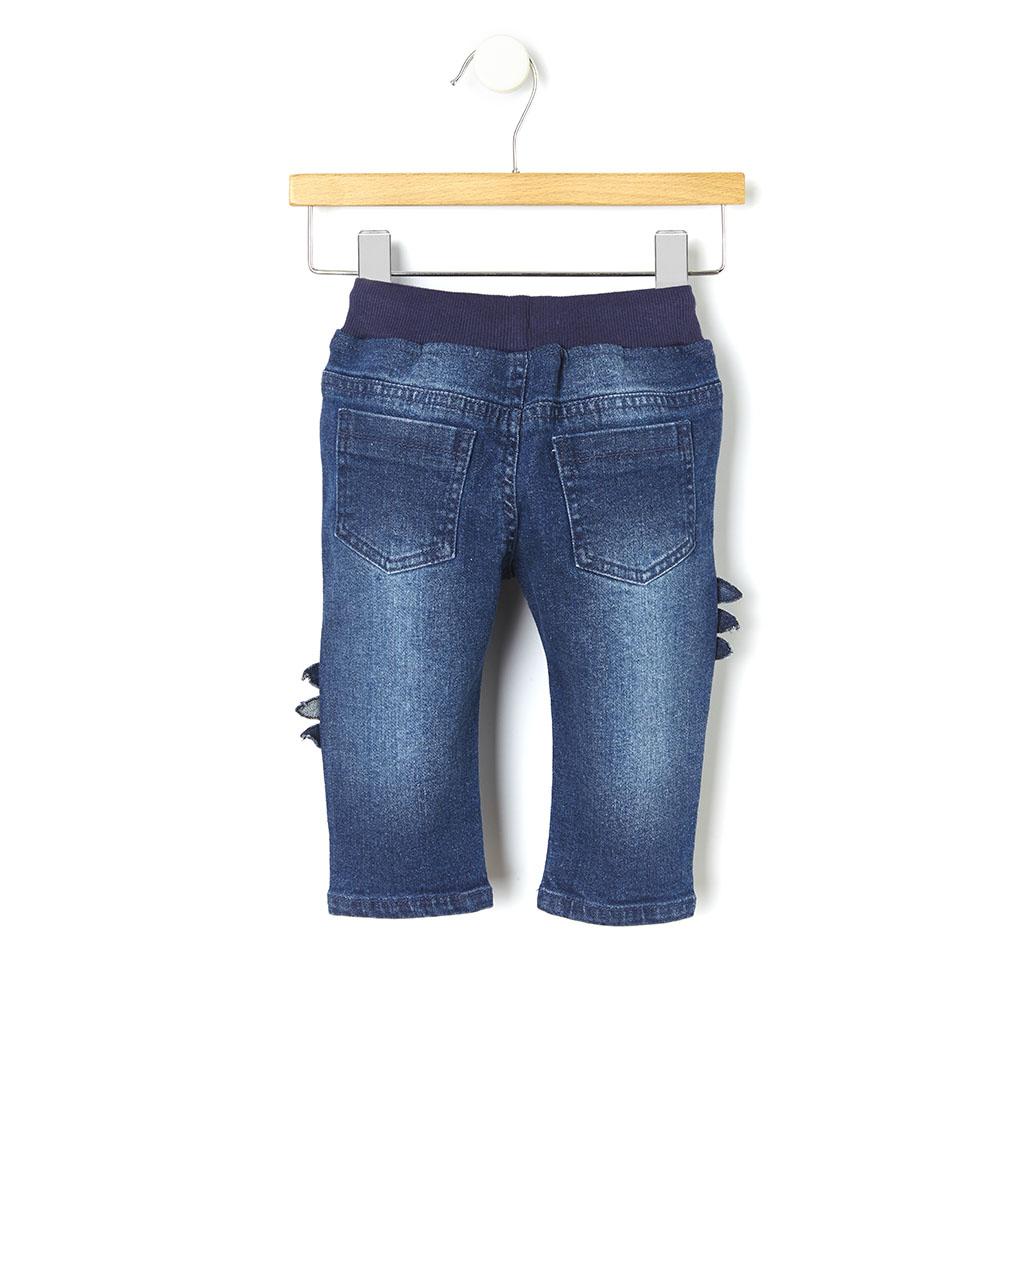 Pantalones De Denim Con Parches De Dinosaurios Prenatal Store Online